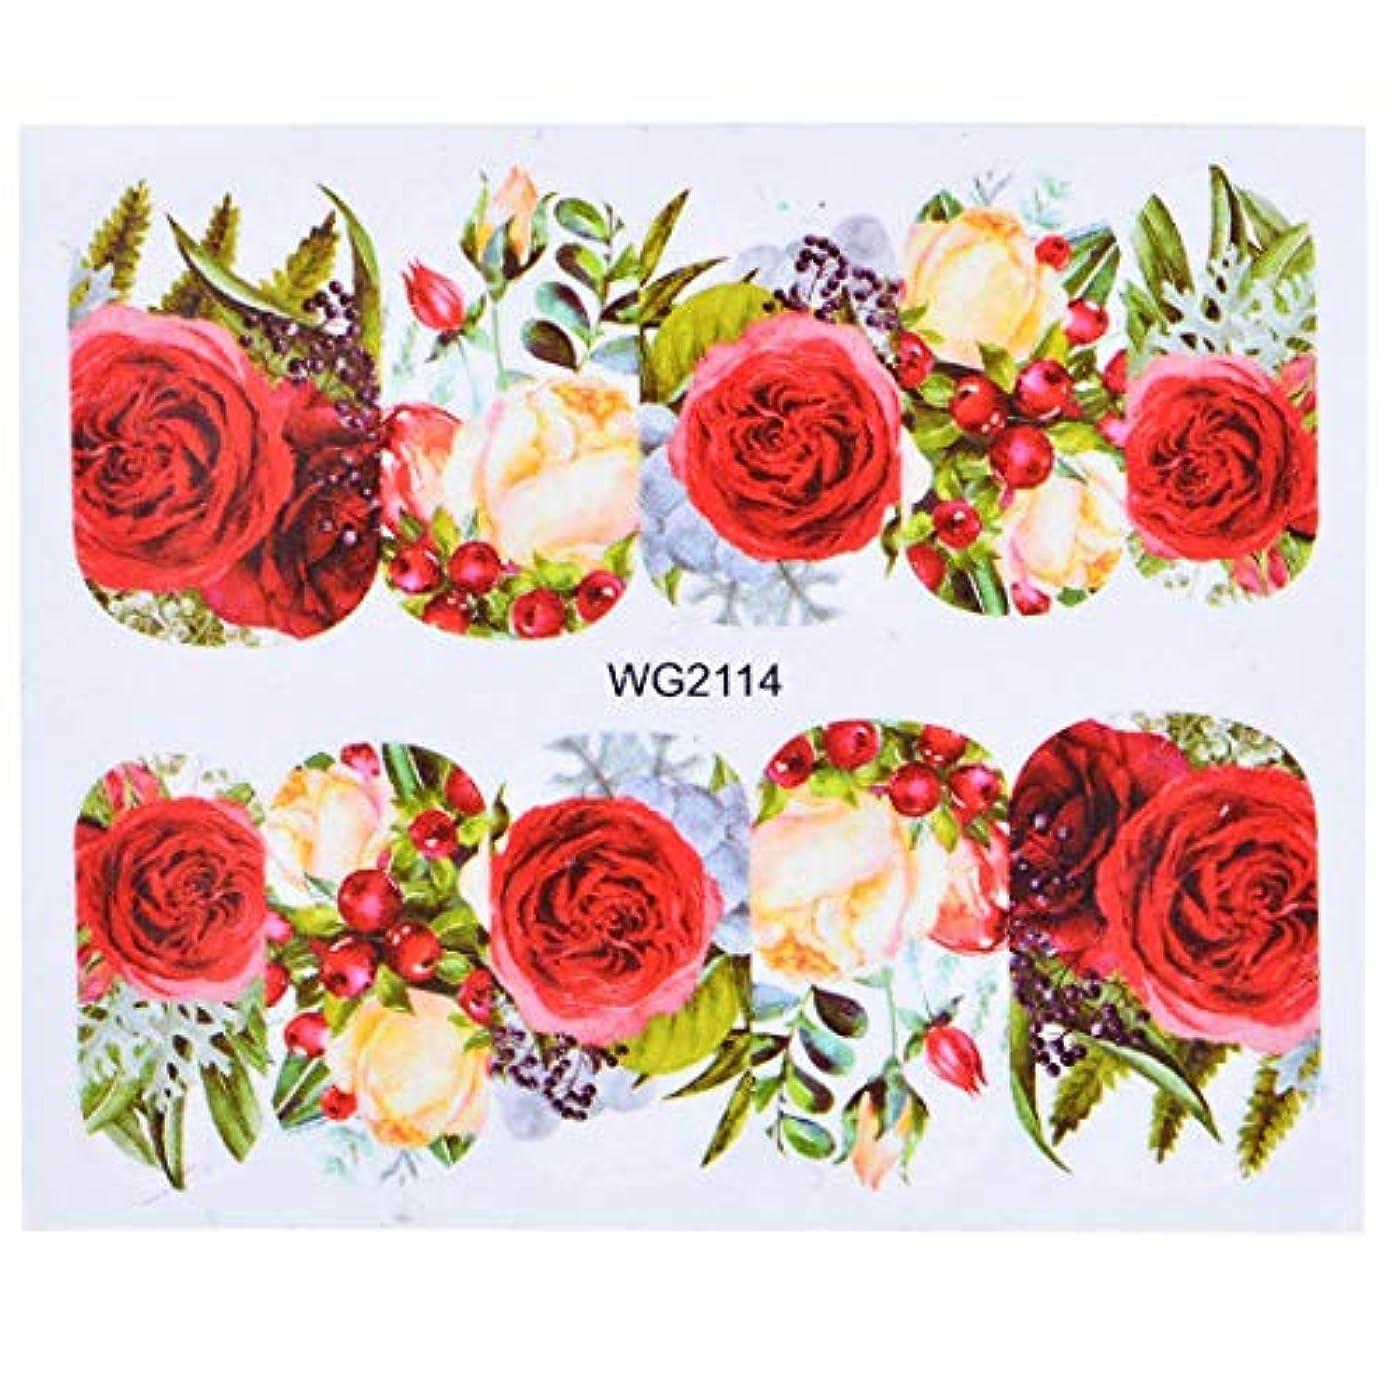 識別好奇心精算SUKTI&XIAO ネイルステッカー 1枚の美しいロマンチックなステッカー赤いスカートの女の子のネイルアートデザインマニキュア水転写デカールのヒントマニキュア、Wg2114